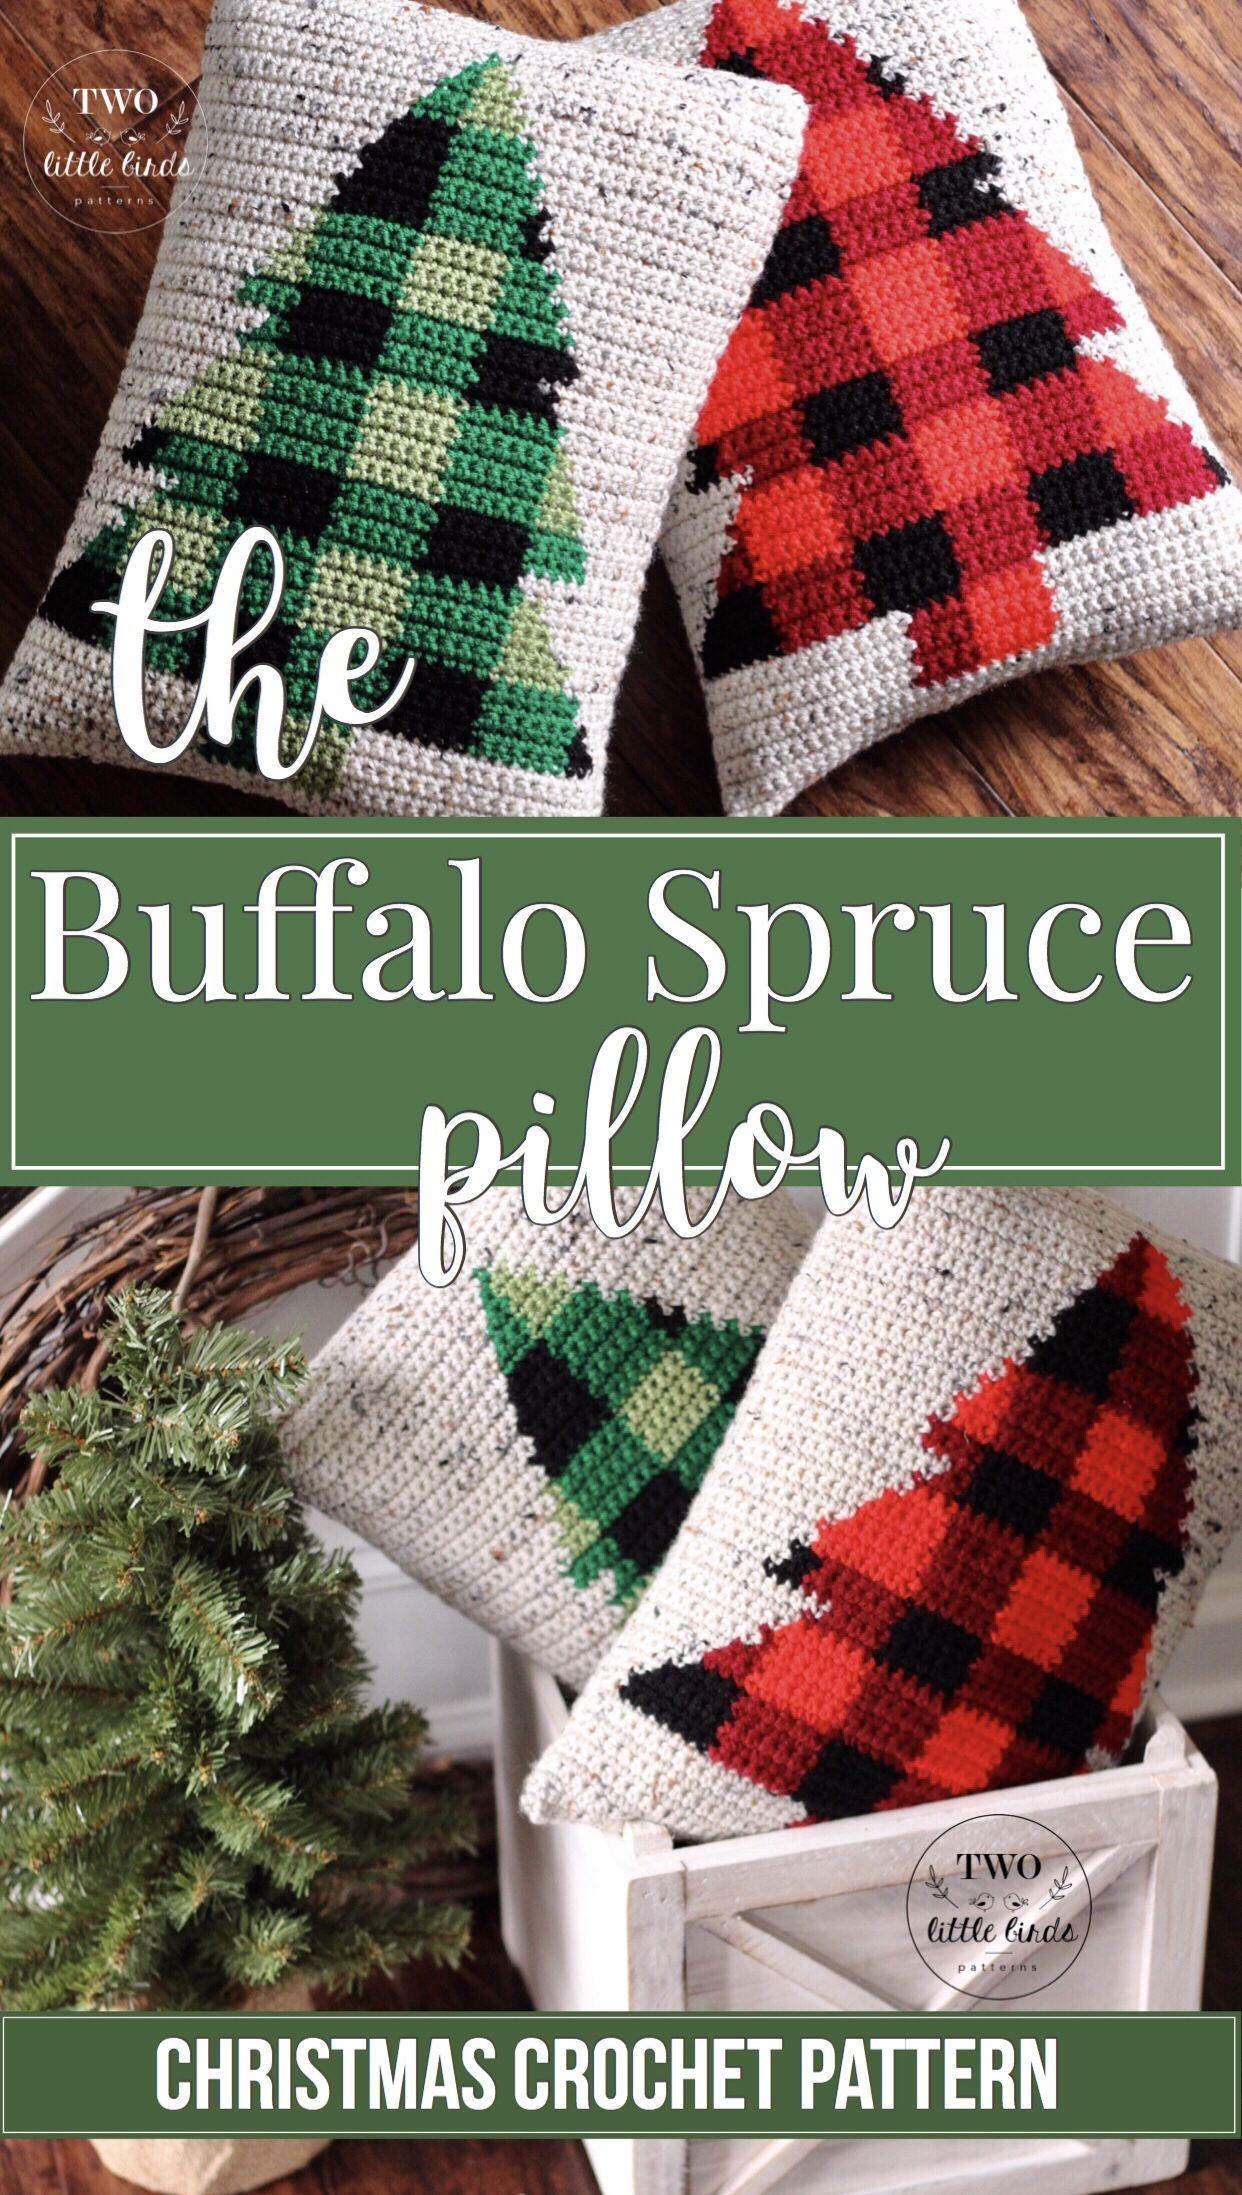 Christmas Crochet Pattern Crochet Pillow Pattern Buffalo Etsy Christmas Crochet Pattern Crochet Pillow Pattern Crochet Pillow Cover